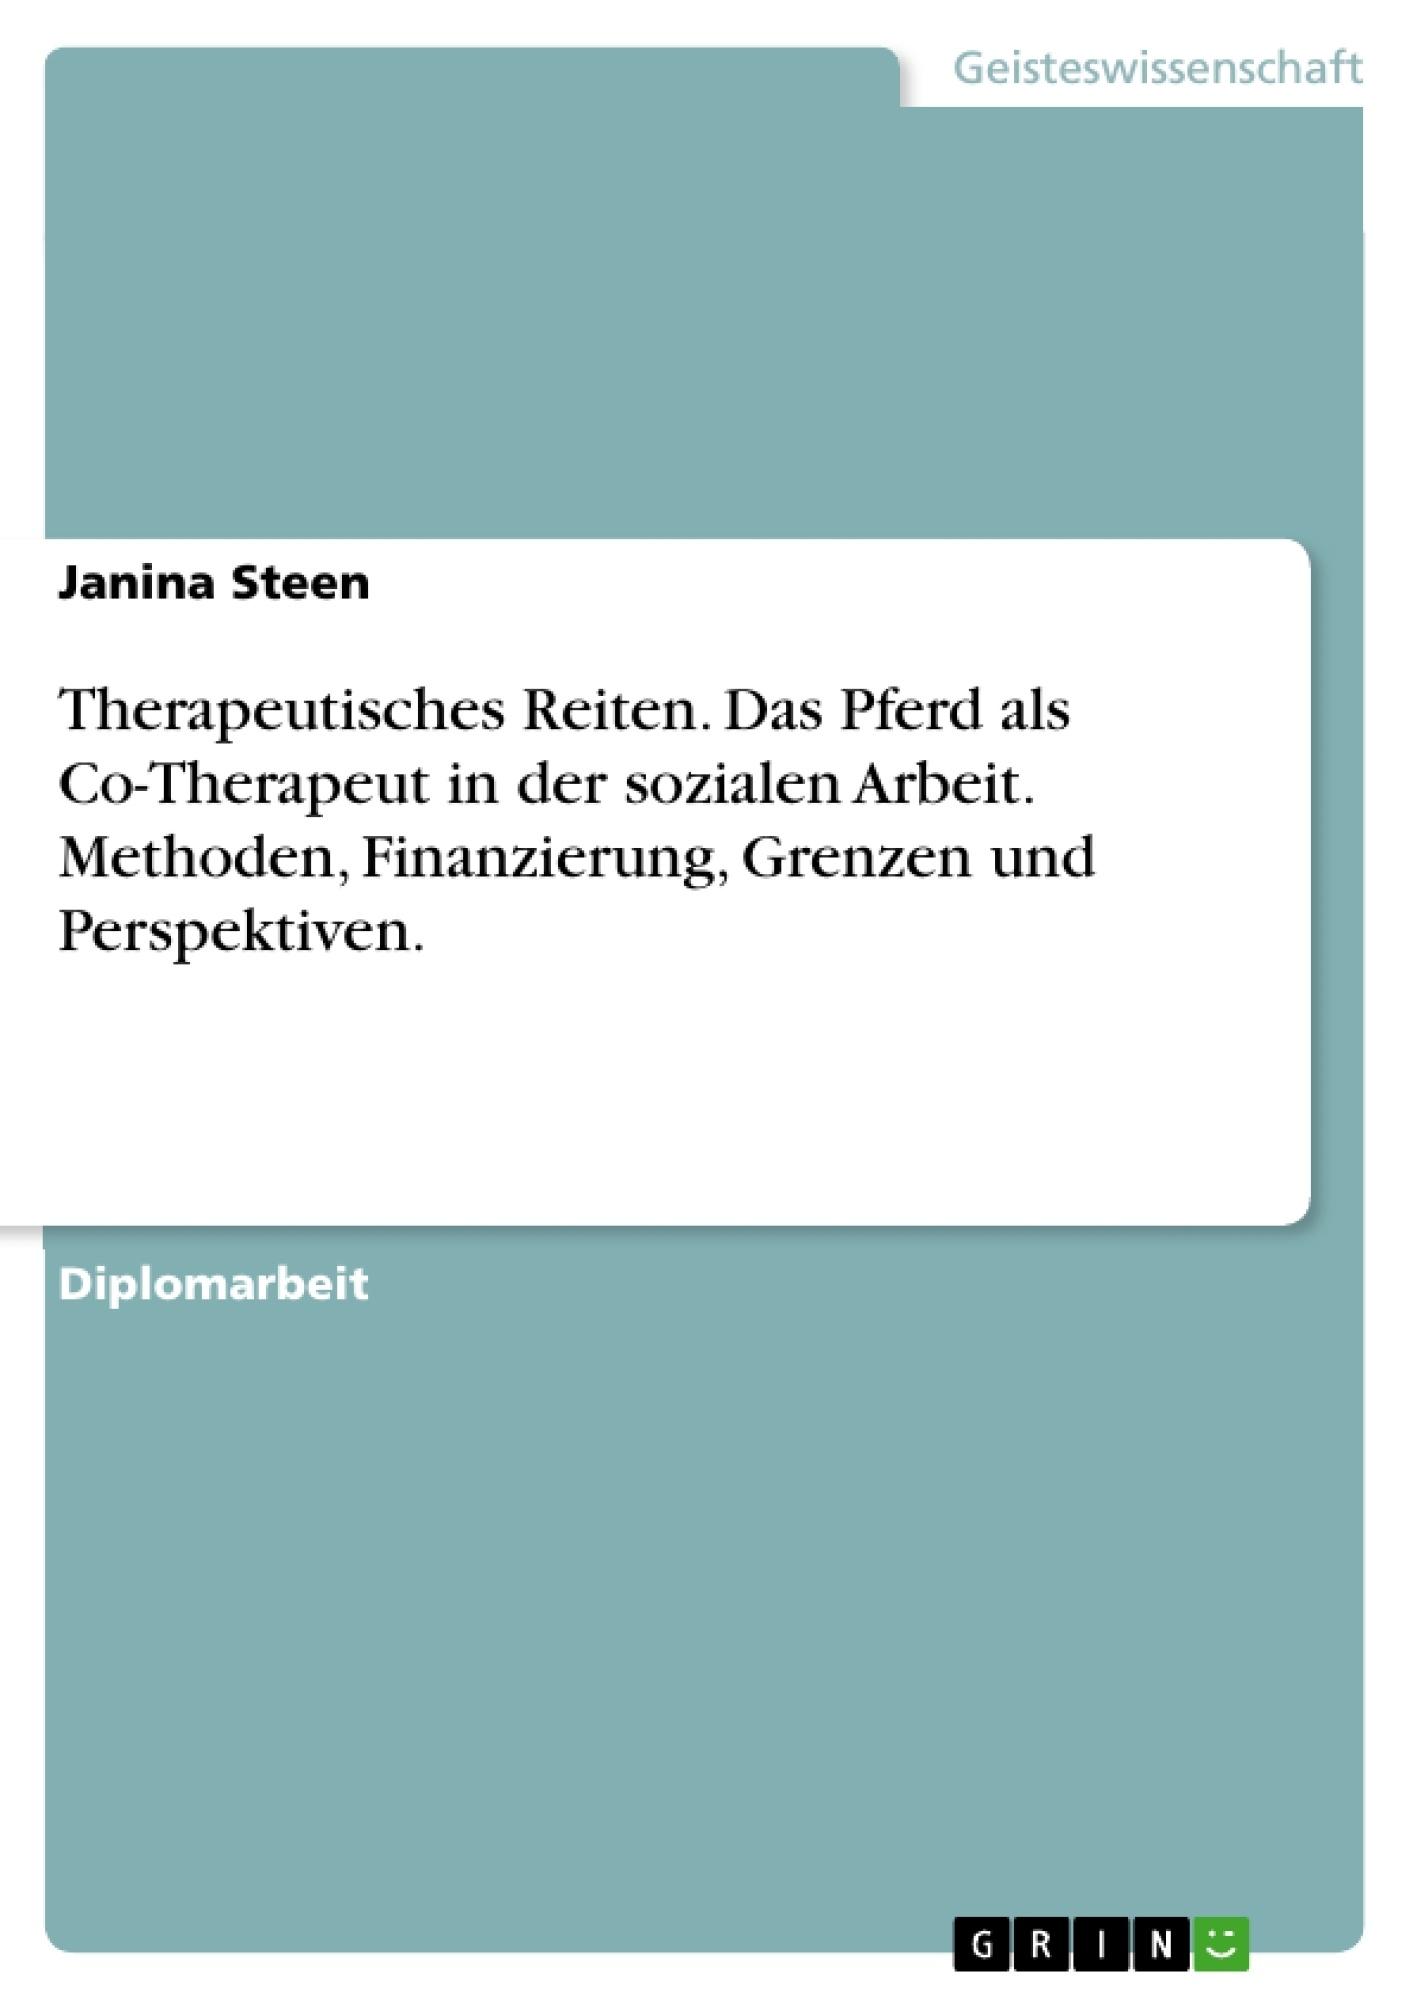 Titel: Therapeutisches Reiten. Das Pferd als Co-Therapeut in der sozialen Arbeit. Methoden, Finanzierung, Grenzen und Perspektiven.